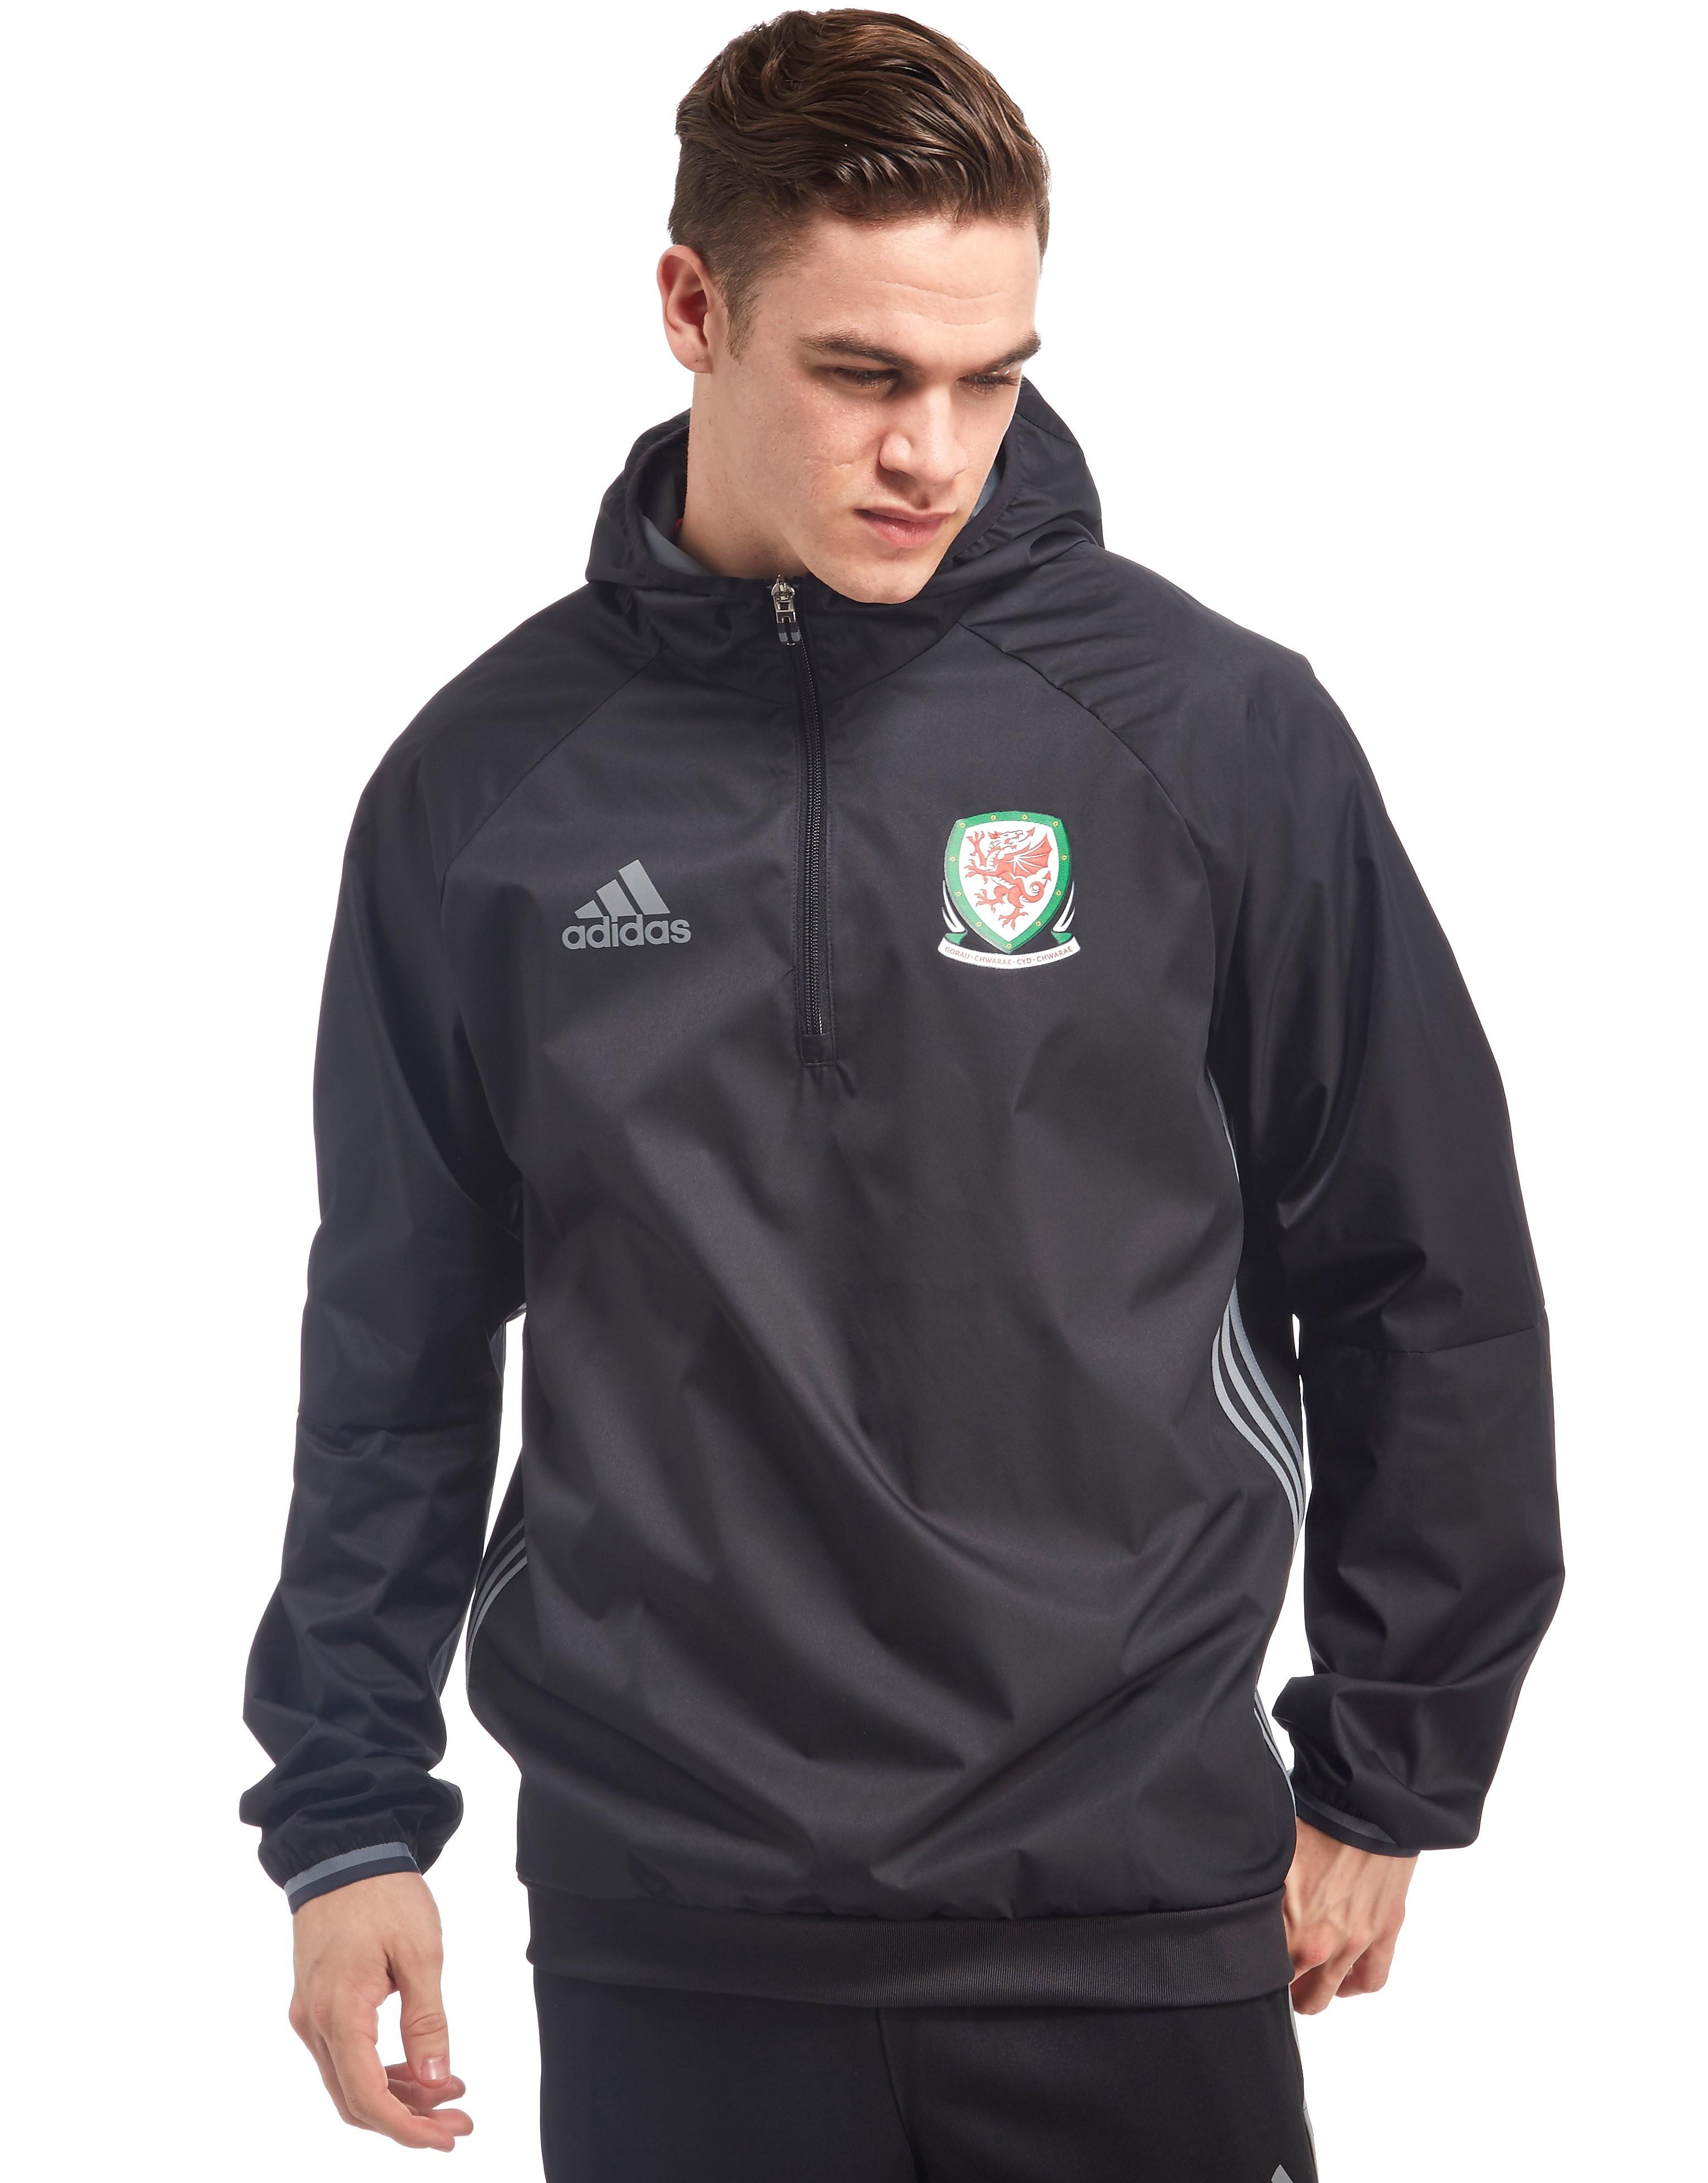 adidas Wales 2016/17 Windbreaker